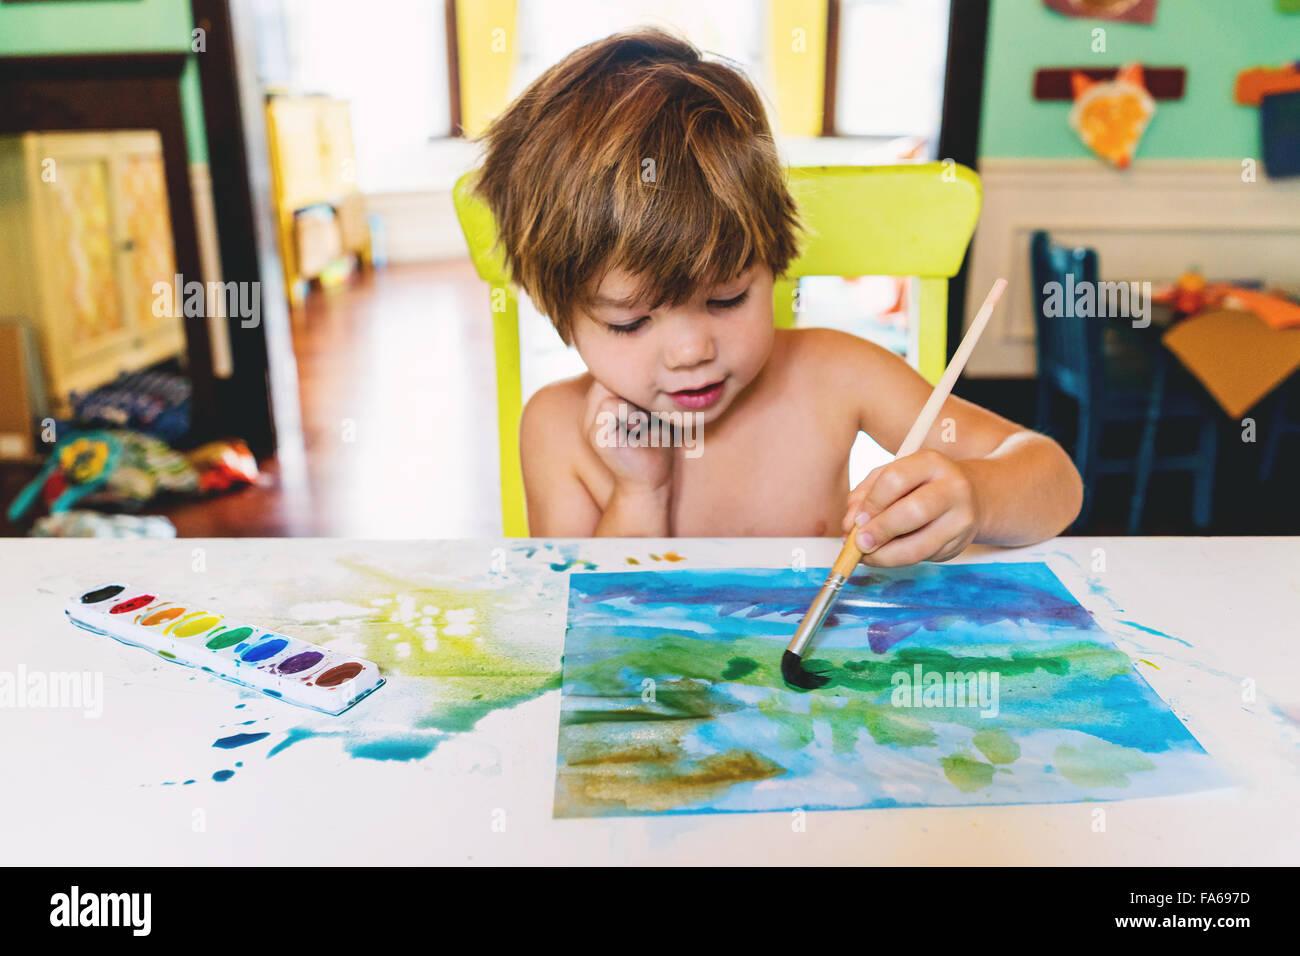 Ragazzo dipinto con acquerelli Immagini Stock